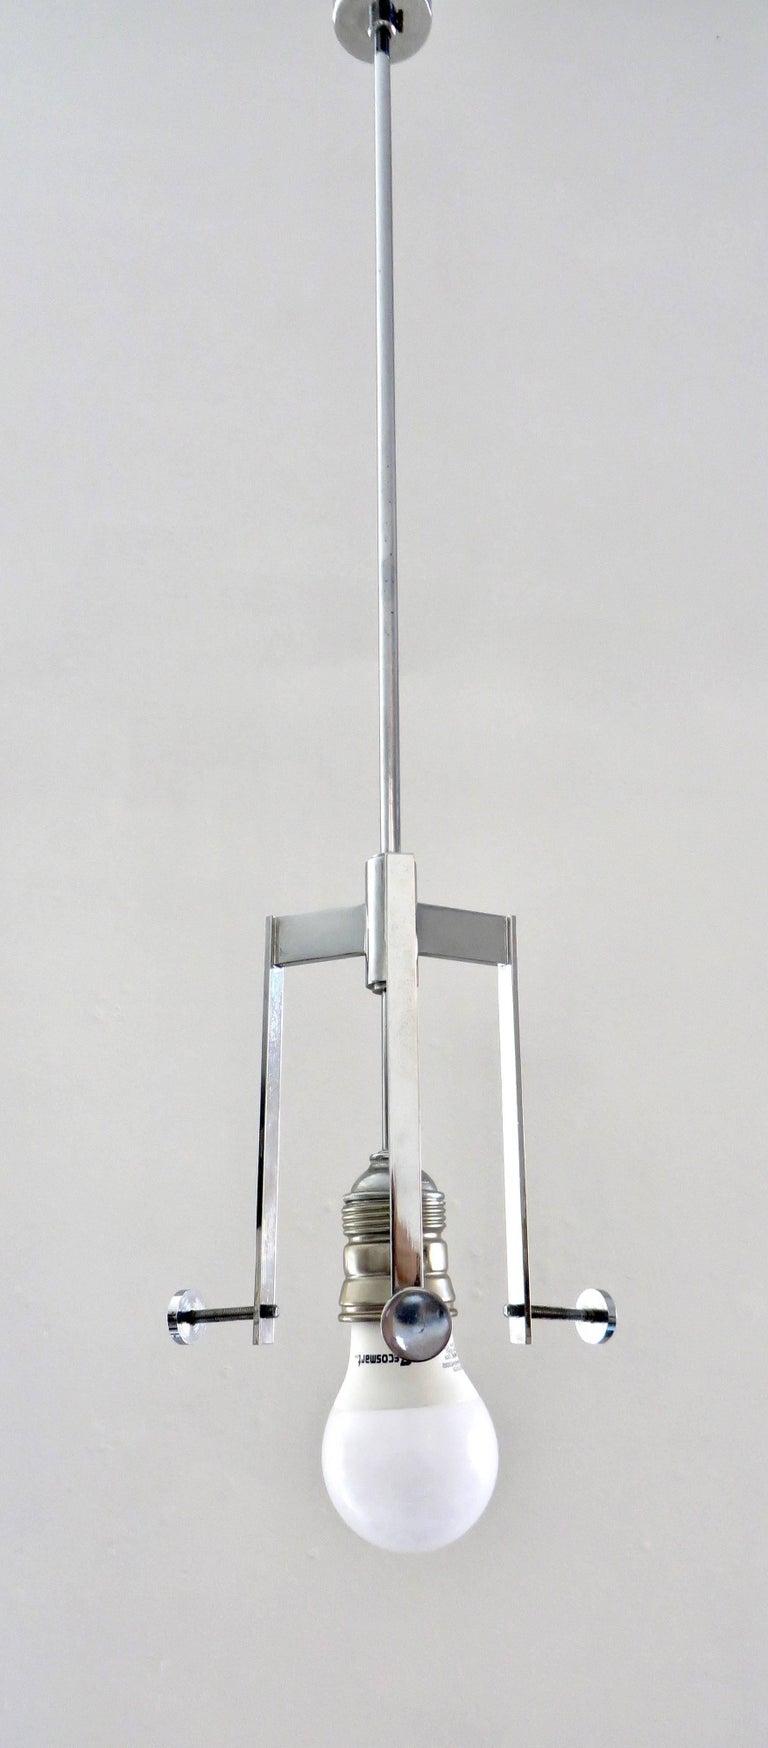 Opaline Glass Ignazio Gardella Pendant Fixture for Azucena Italy  For Sale